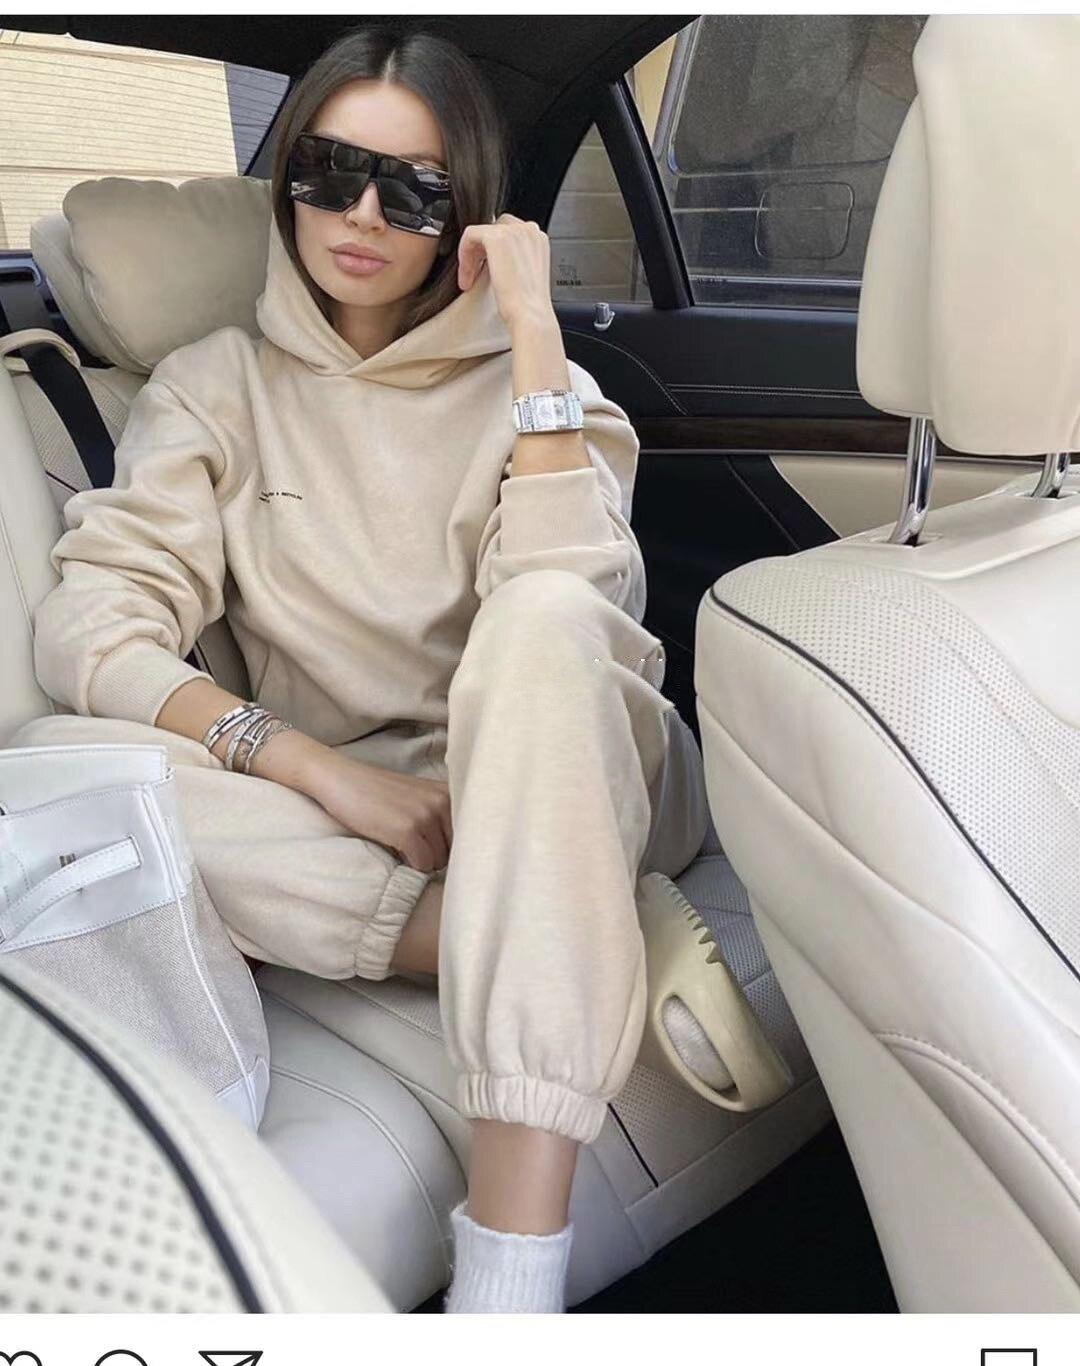 Новинка 2021, зимняя женская одежда, бархатный теплый спортивный комплект из 2 предметов, свитер с капюшоном и брюки, повседневный костюм с брю...